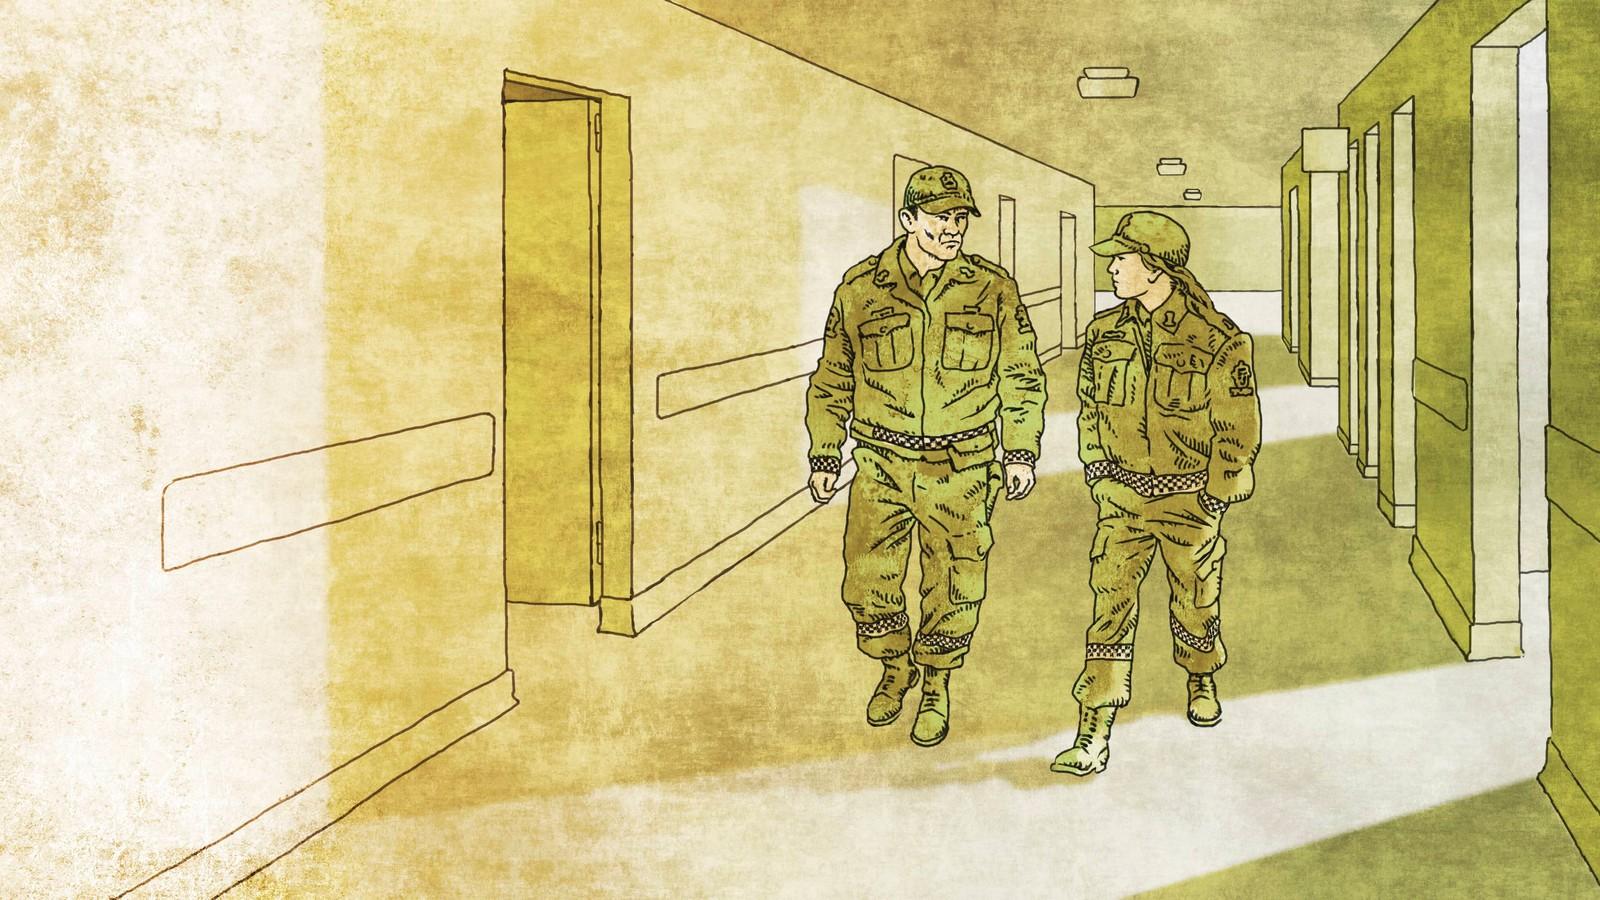 Illustrasjon av to politibetjenter som går ned en korridor